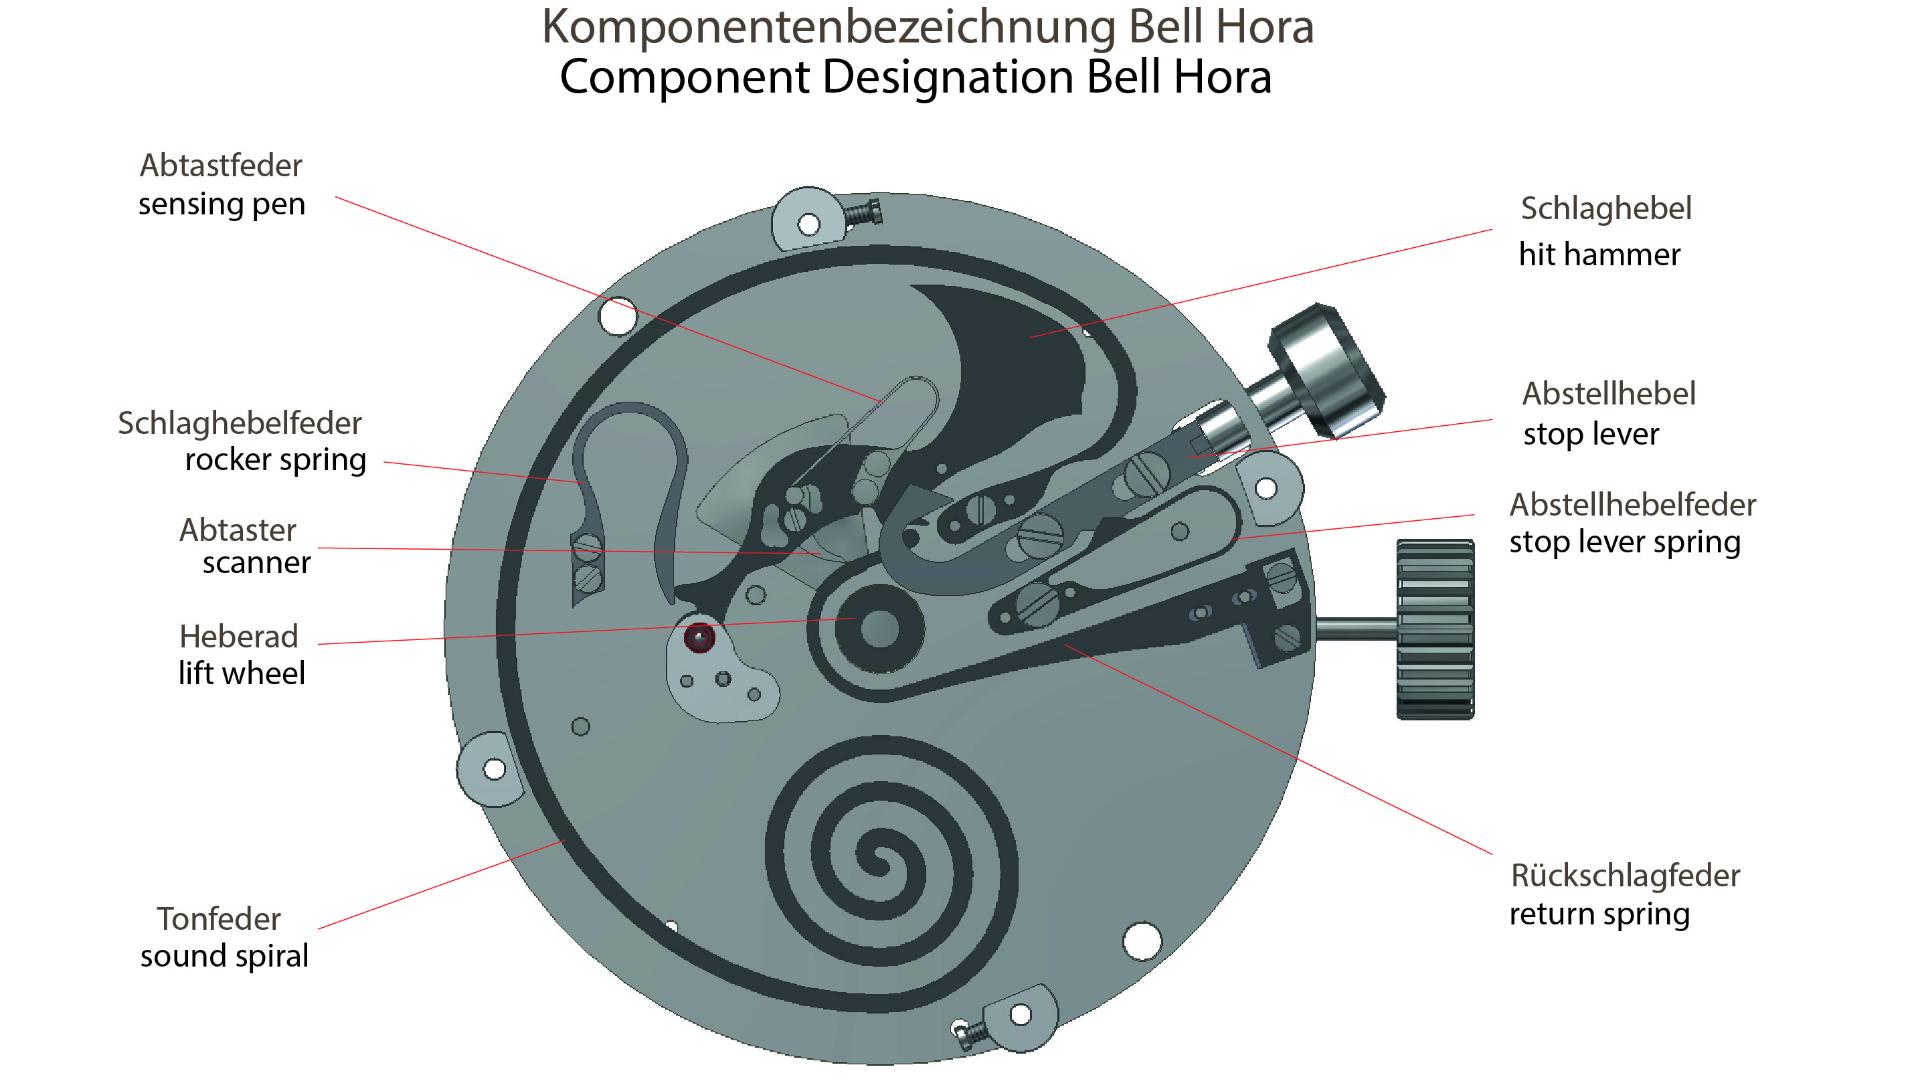 Meistersinger Bell Hora